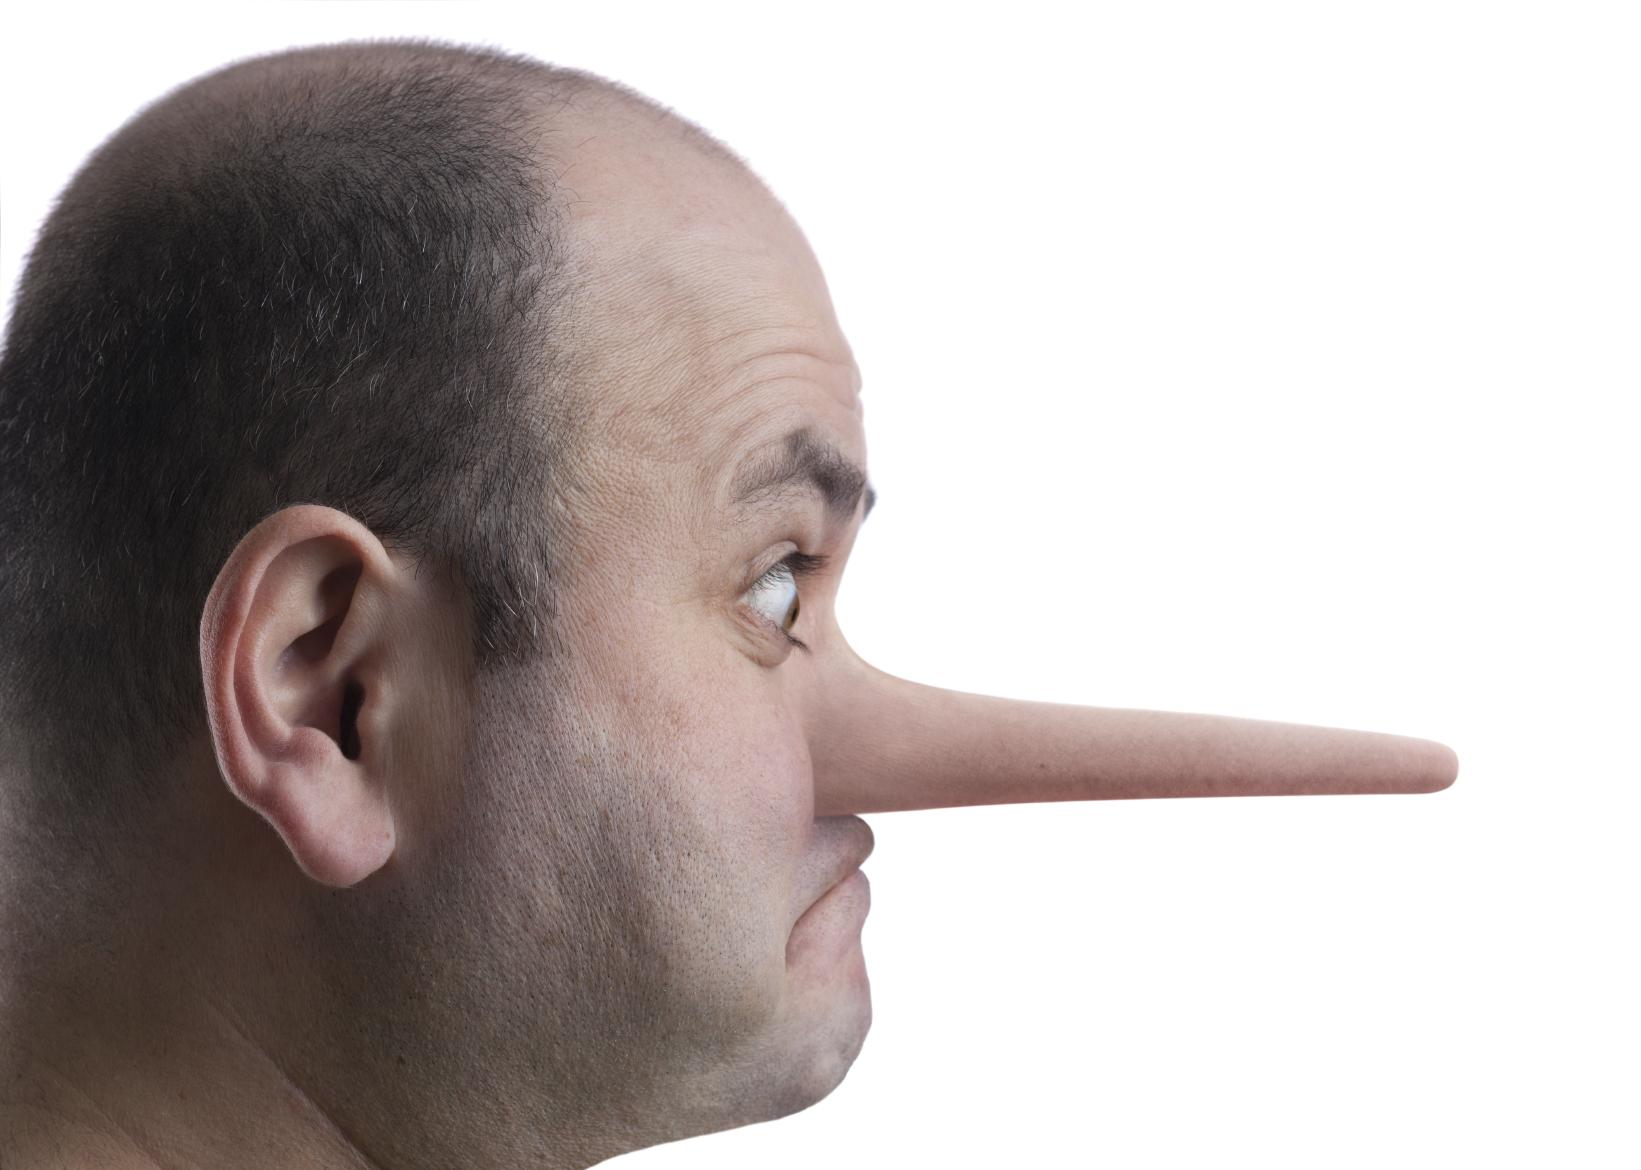 Τι σημαίνει τελικά η μεγάλη μύτη στον άνδρα;